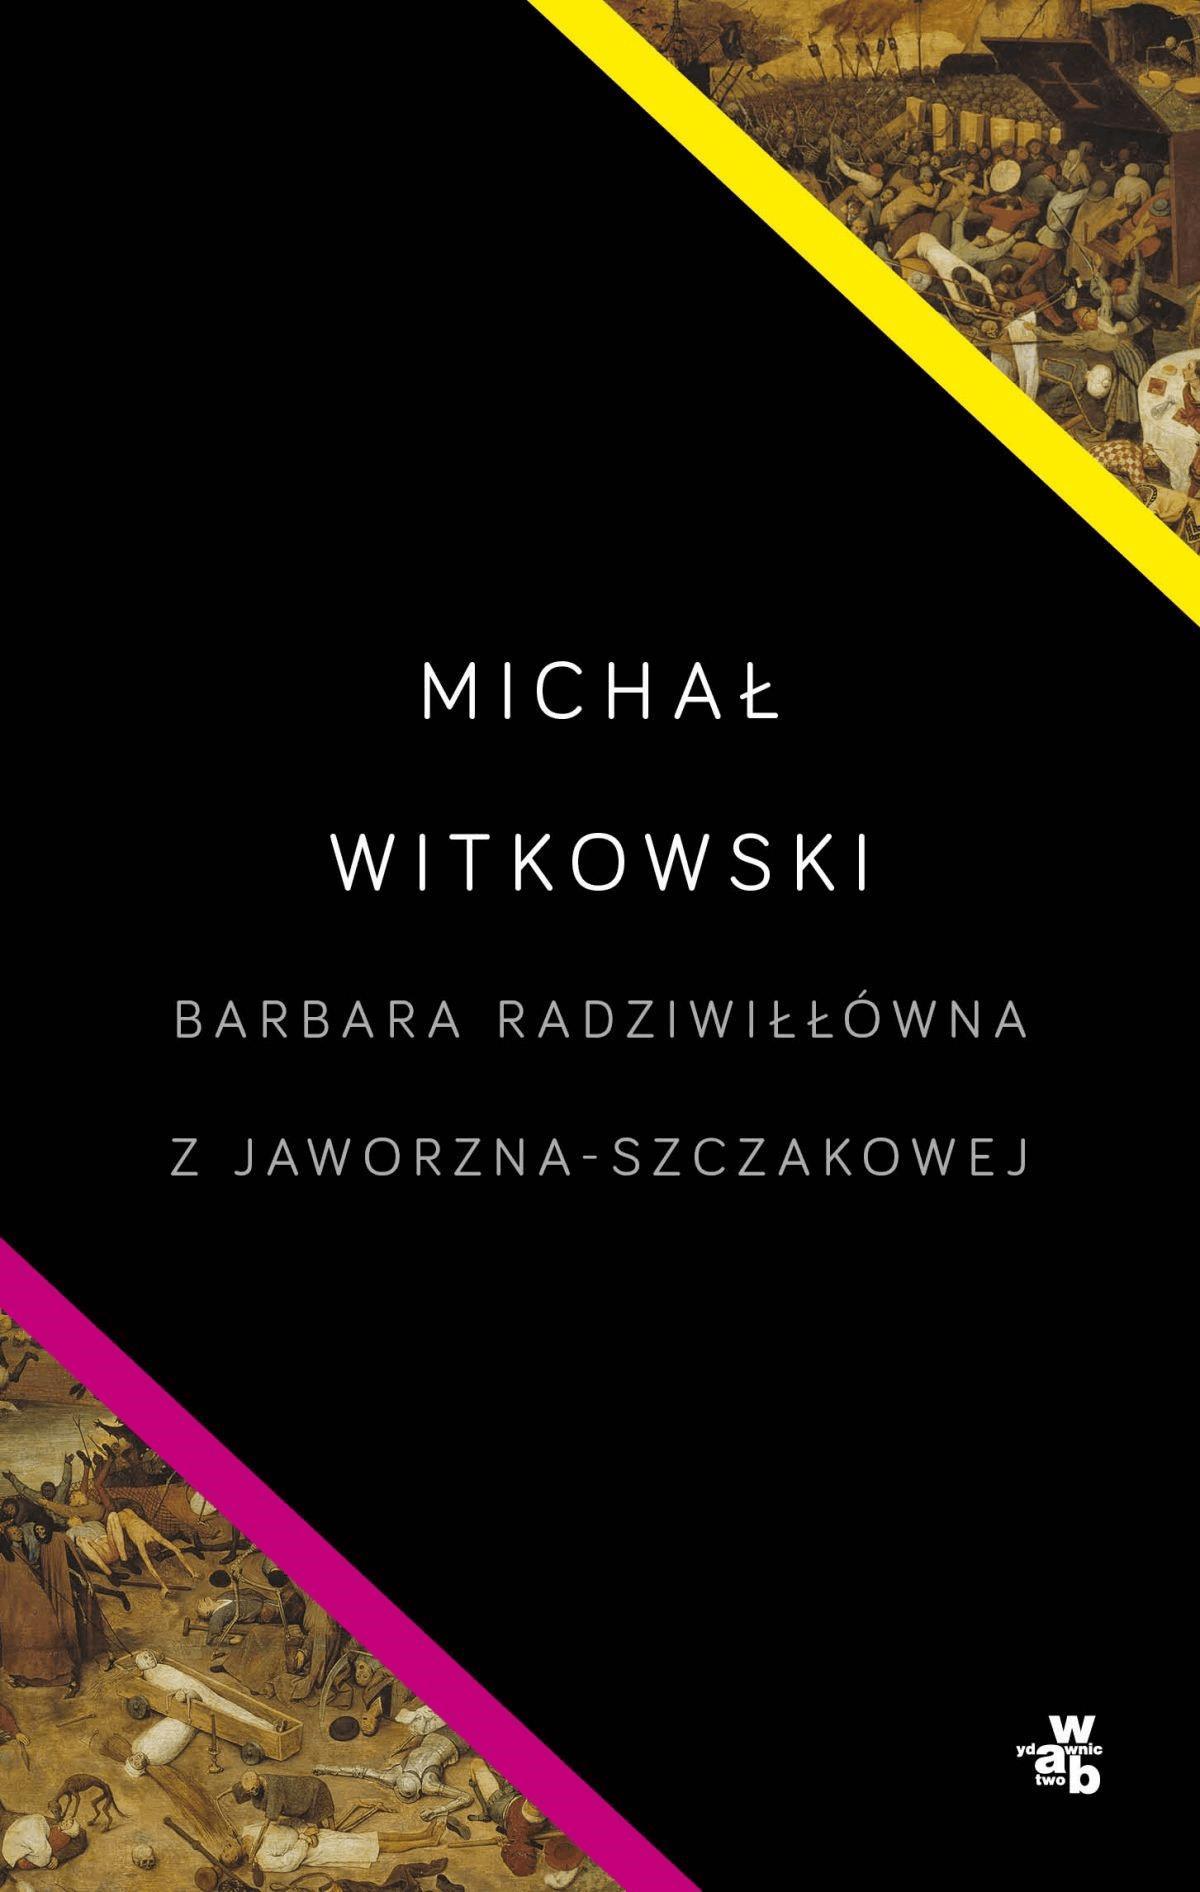 Barbara Radziwiłłówna z Jaworzna-Szczakowej - Tylko w Legimi możesz przeczytać ten tytuł przez 7 dni za darmo. - Michał Witkowski